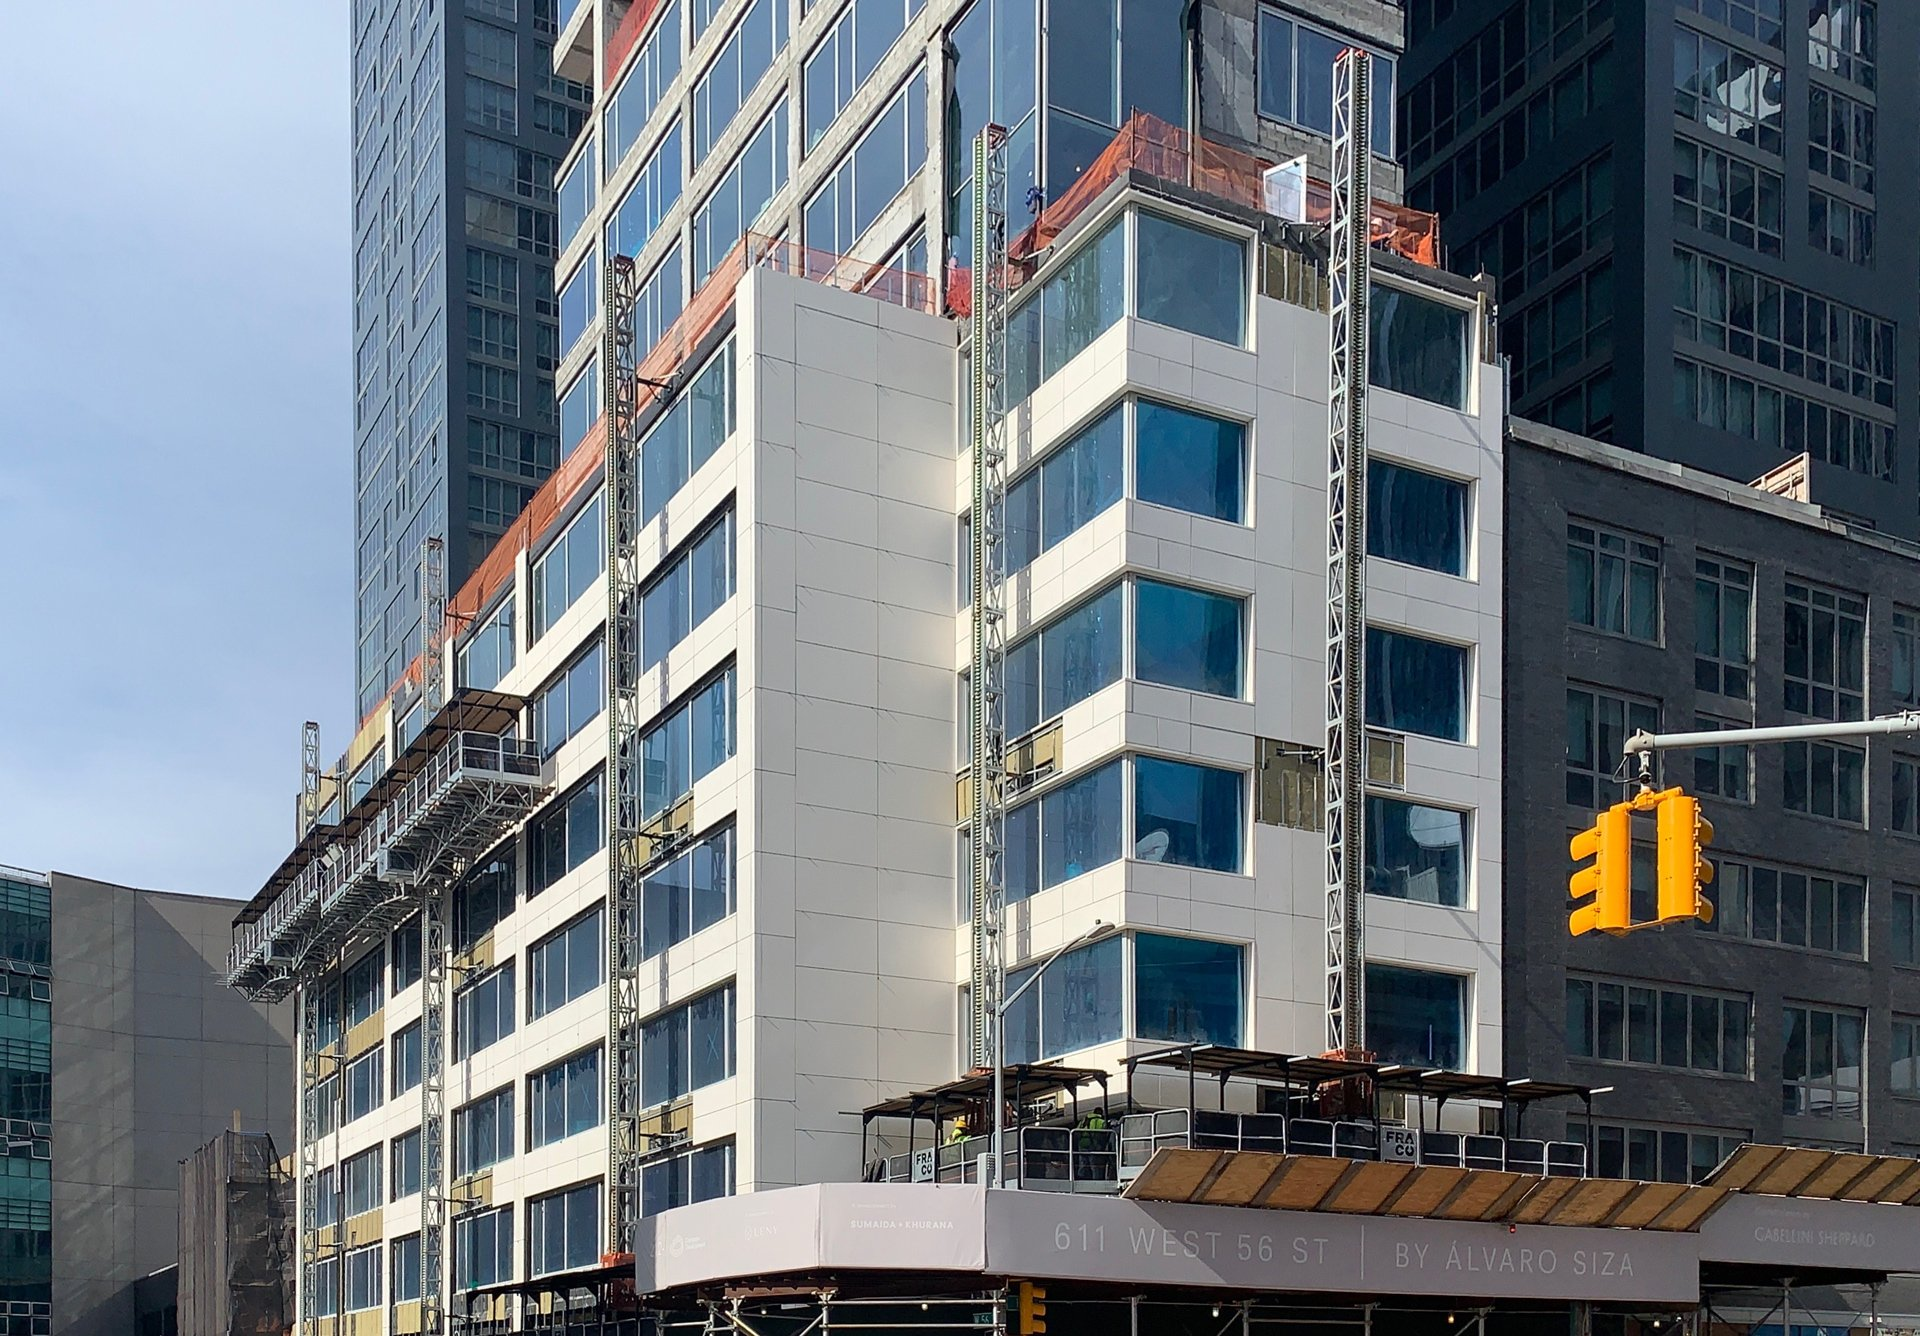 611 West 56th Street building in progress